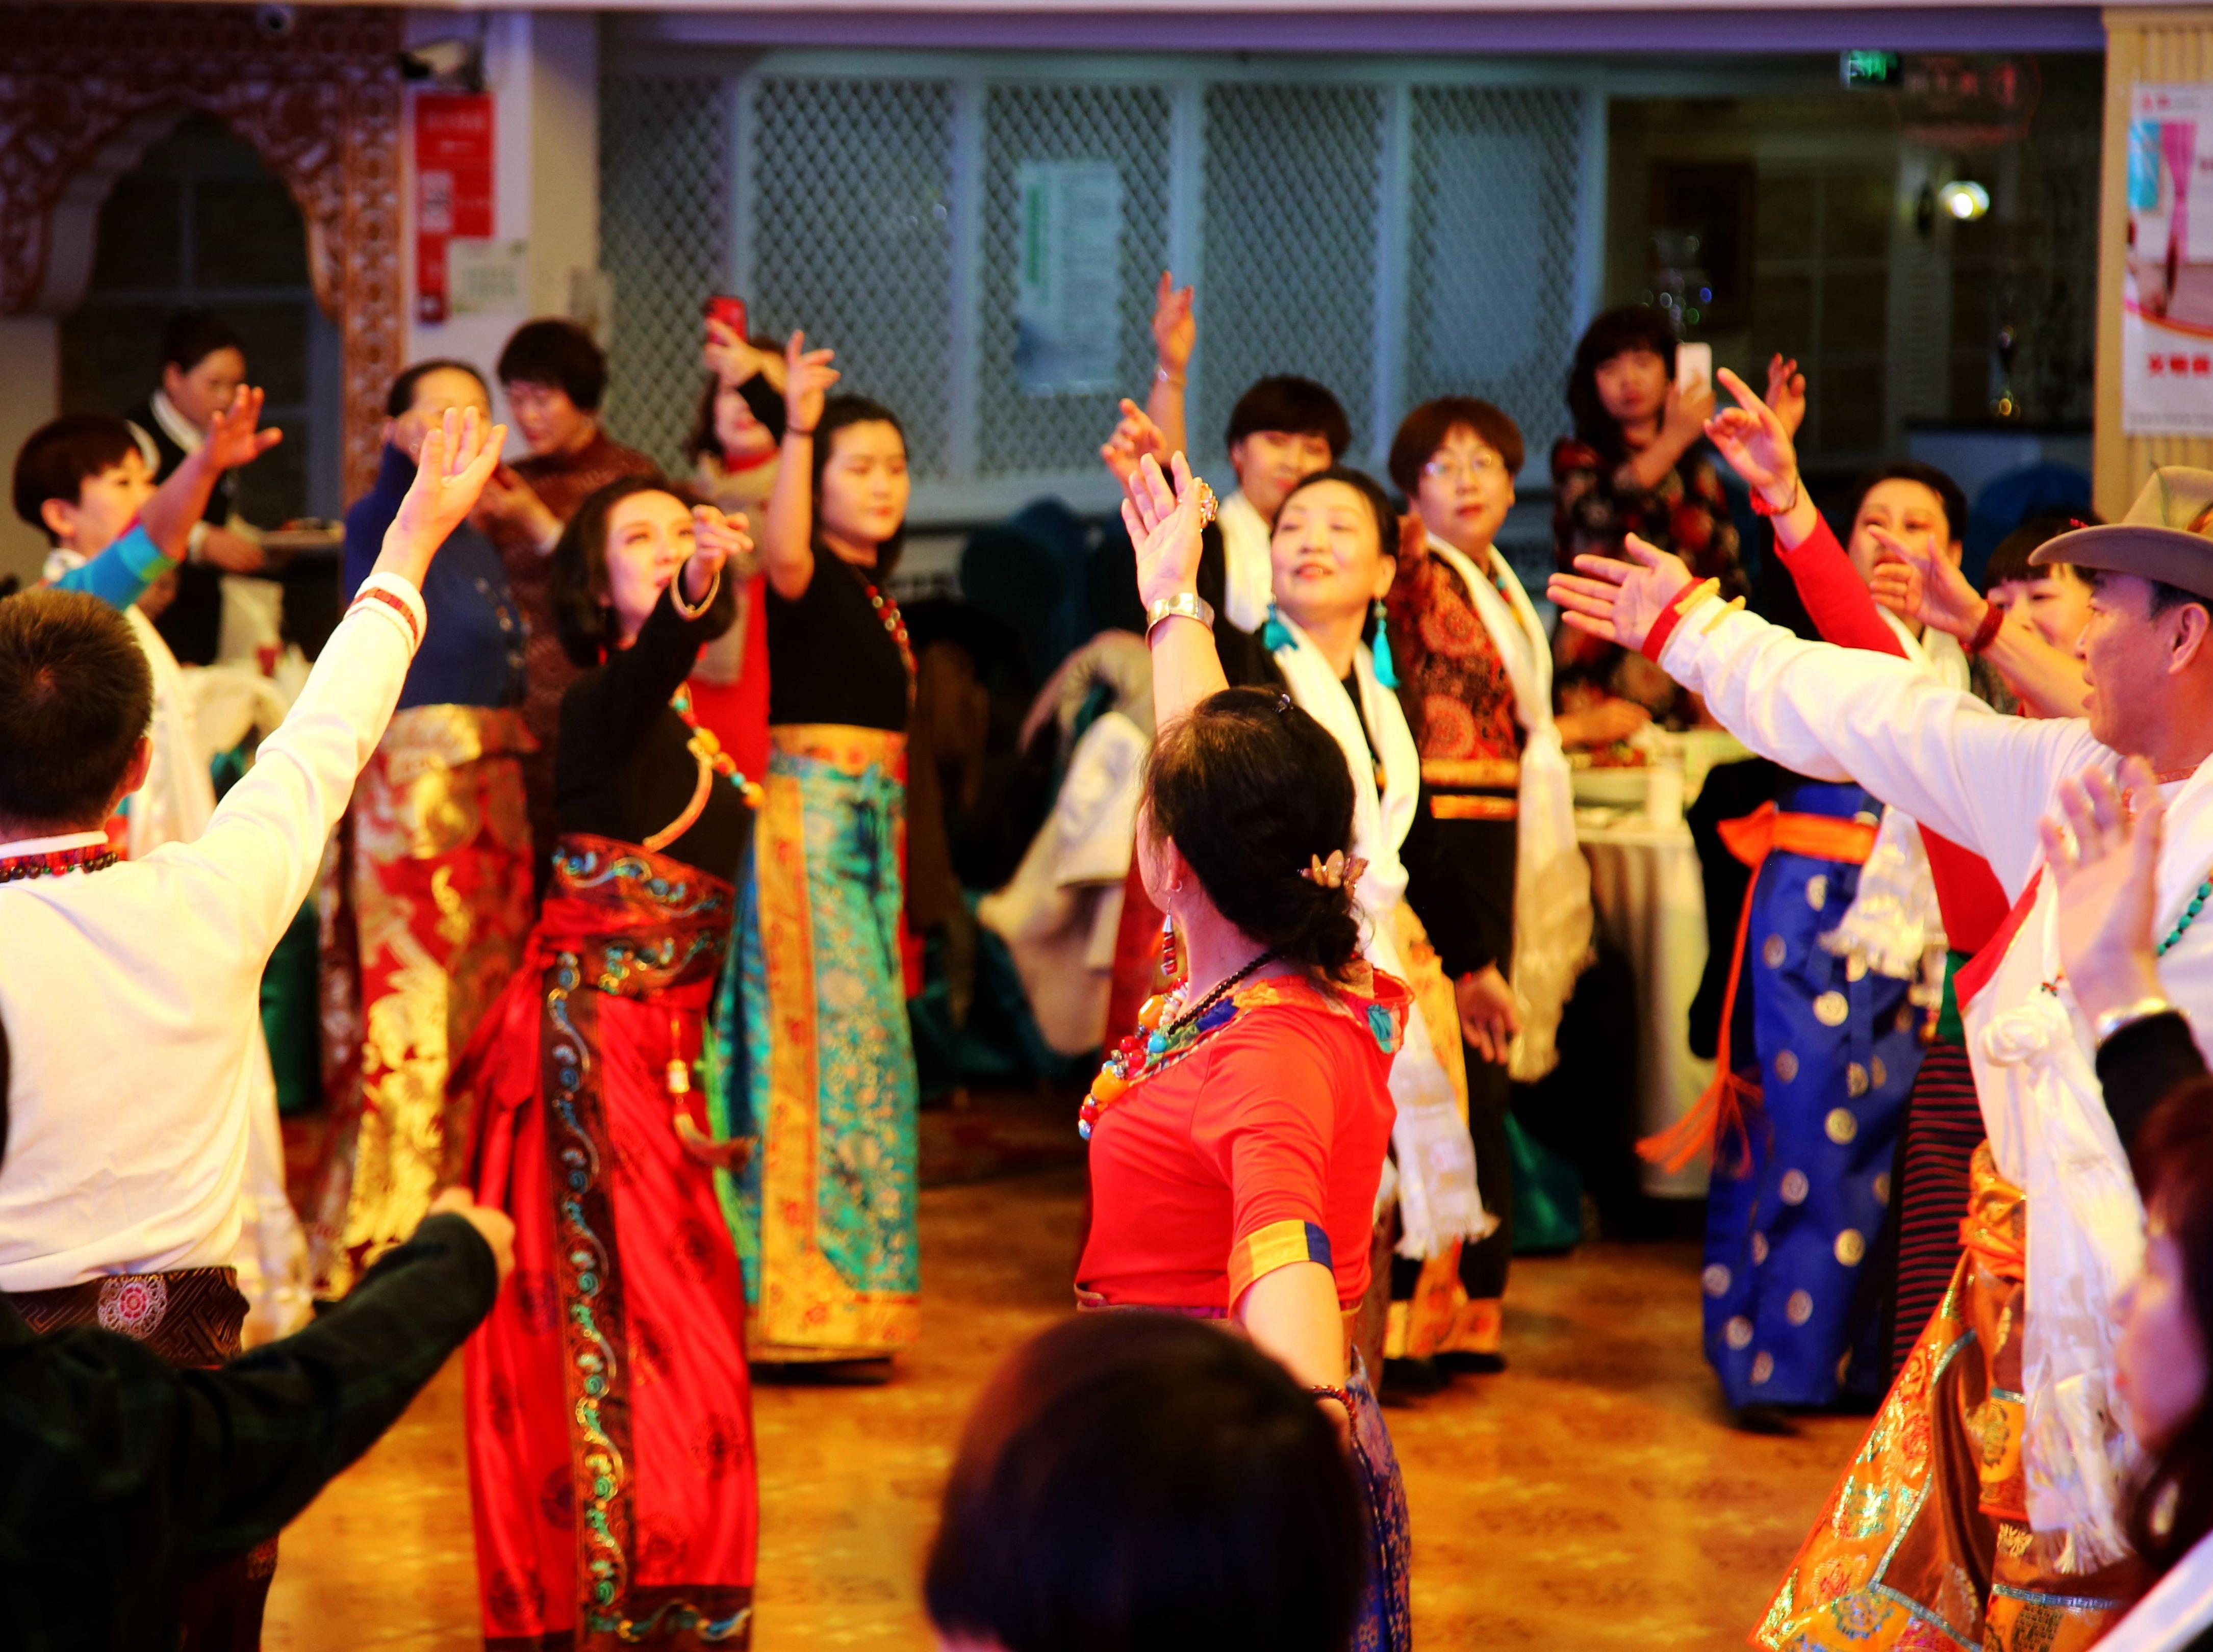 乌鲁木齐锅庄舞群周年庆舞会